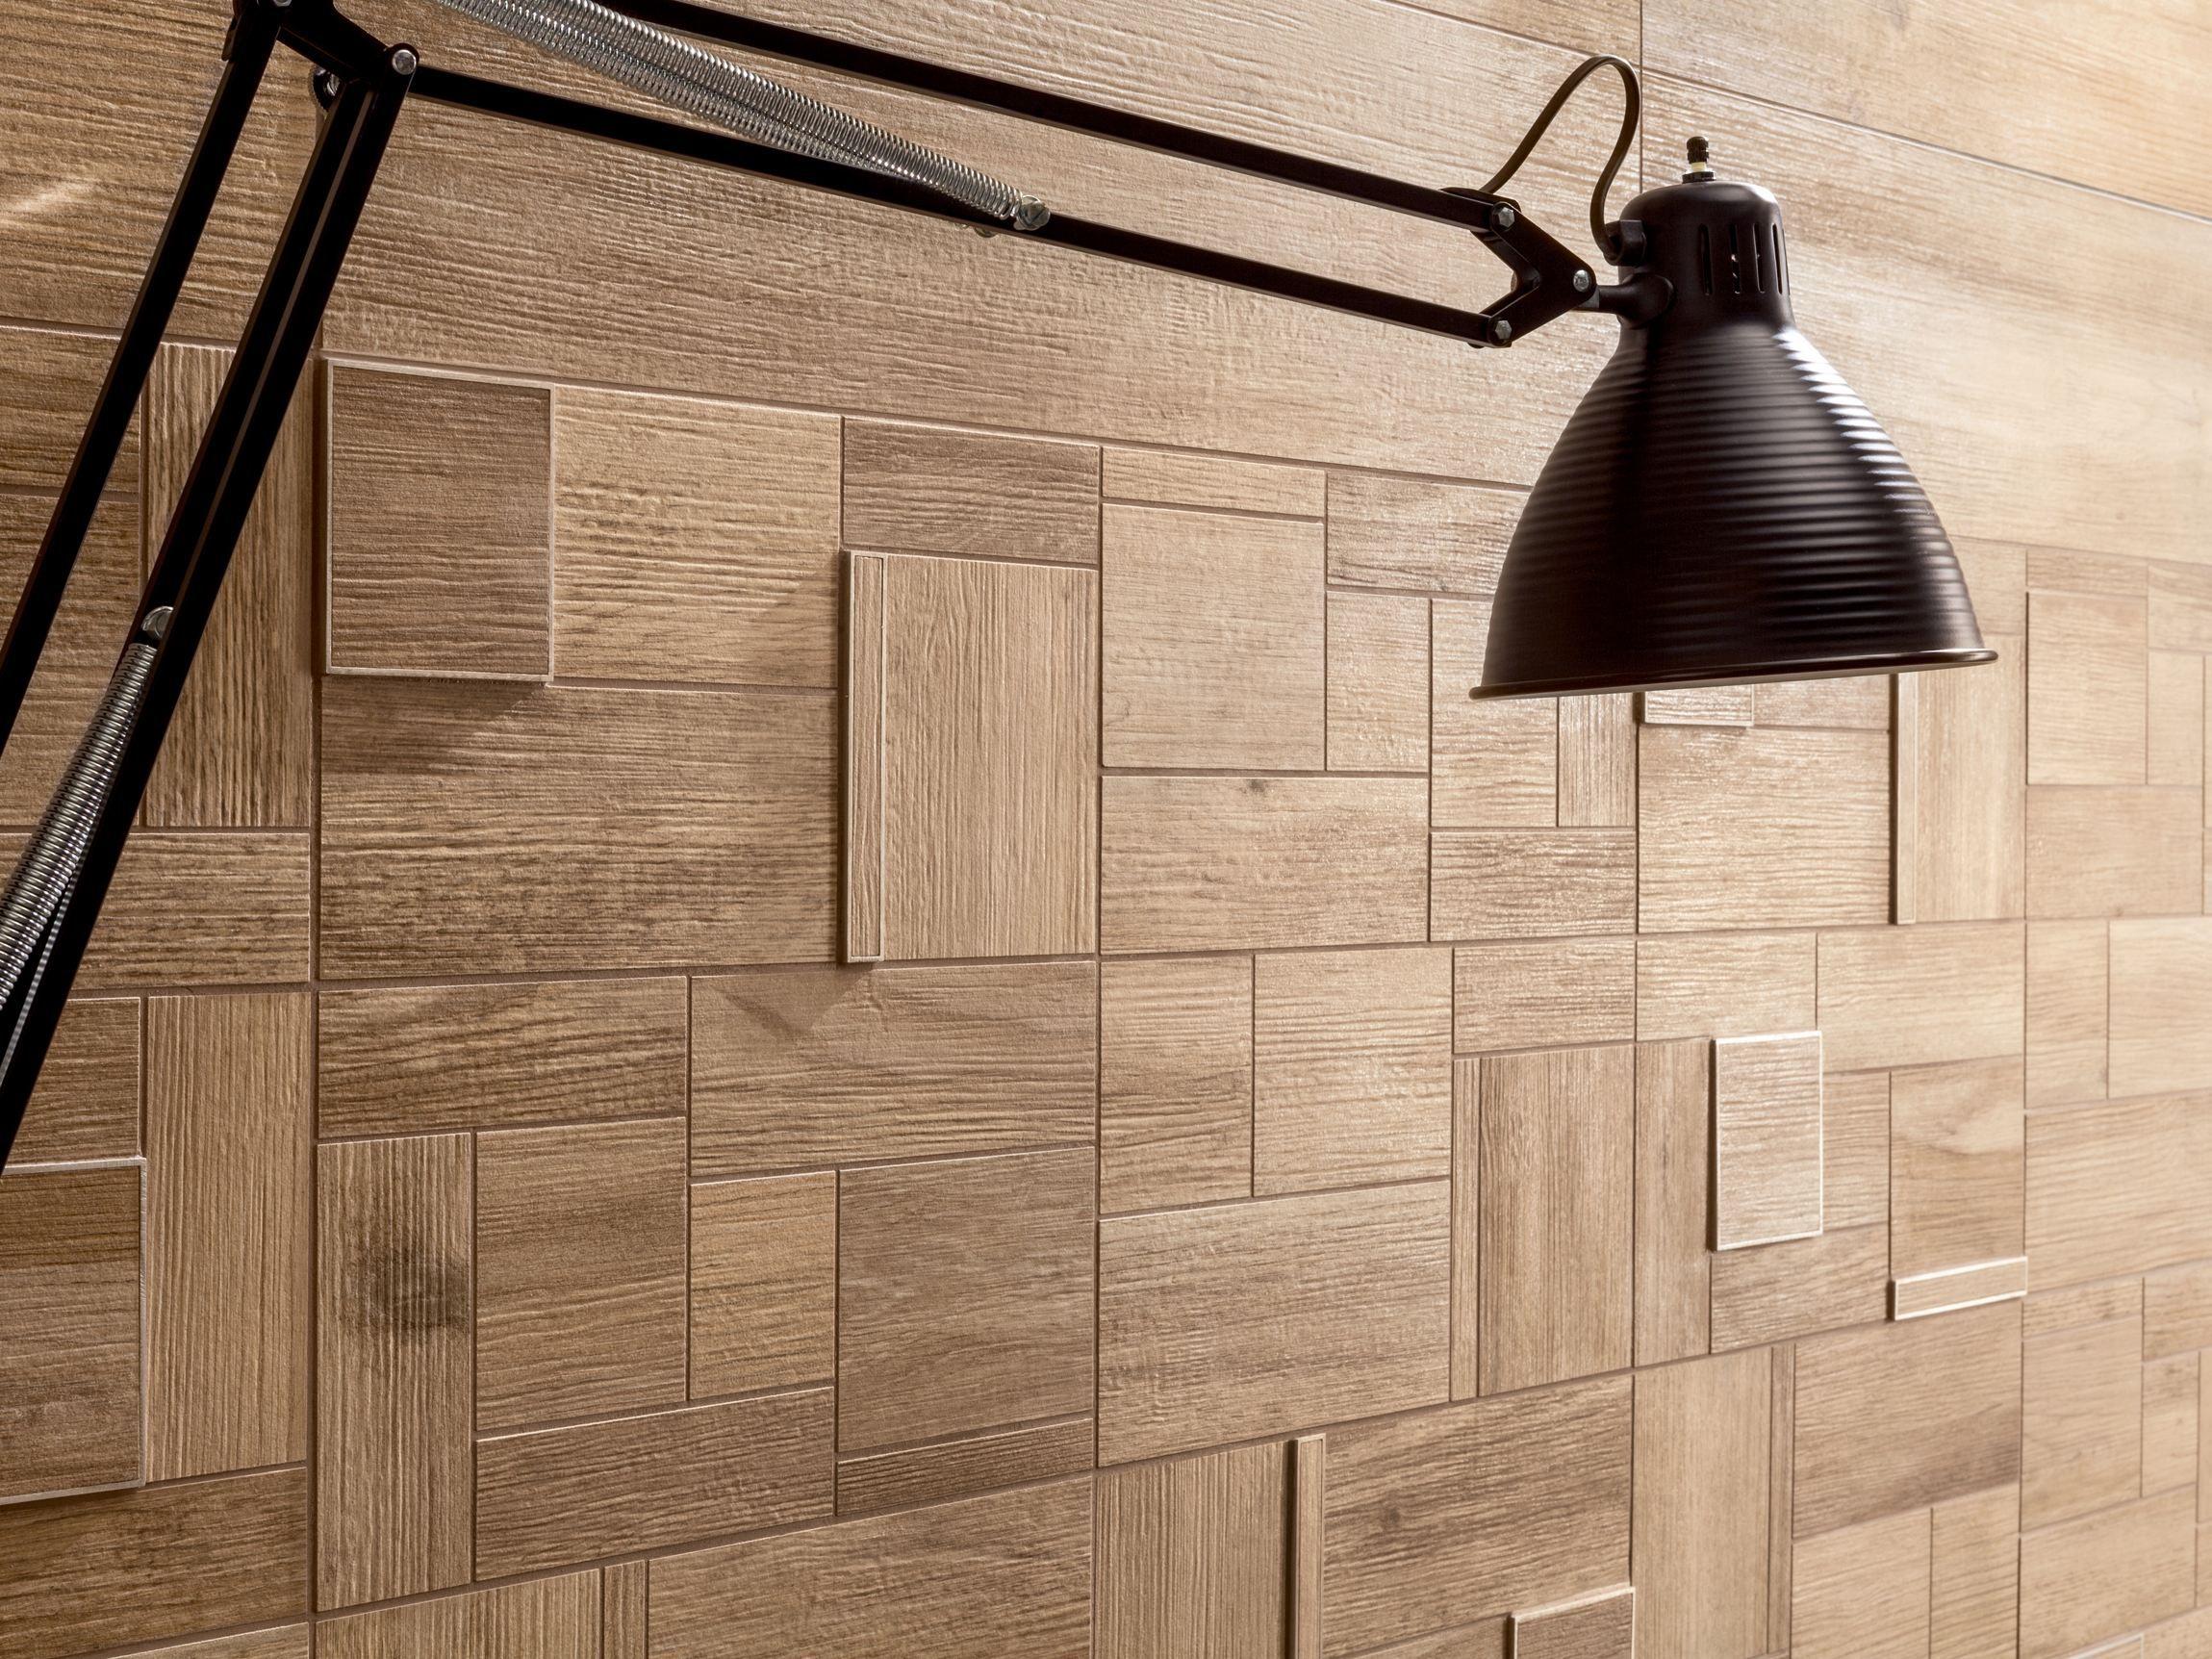 Textura De Madera Para Aplicar En Muebles Y Cabezales Uriarte  # Muebles Uriarte